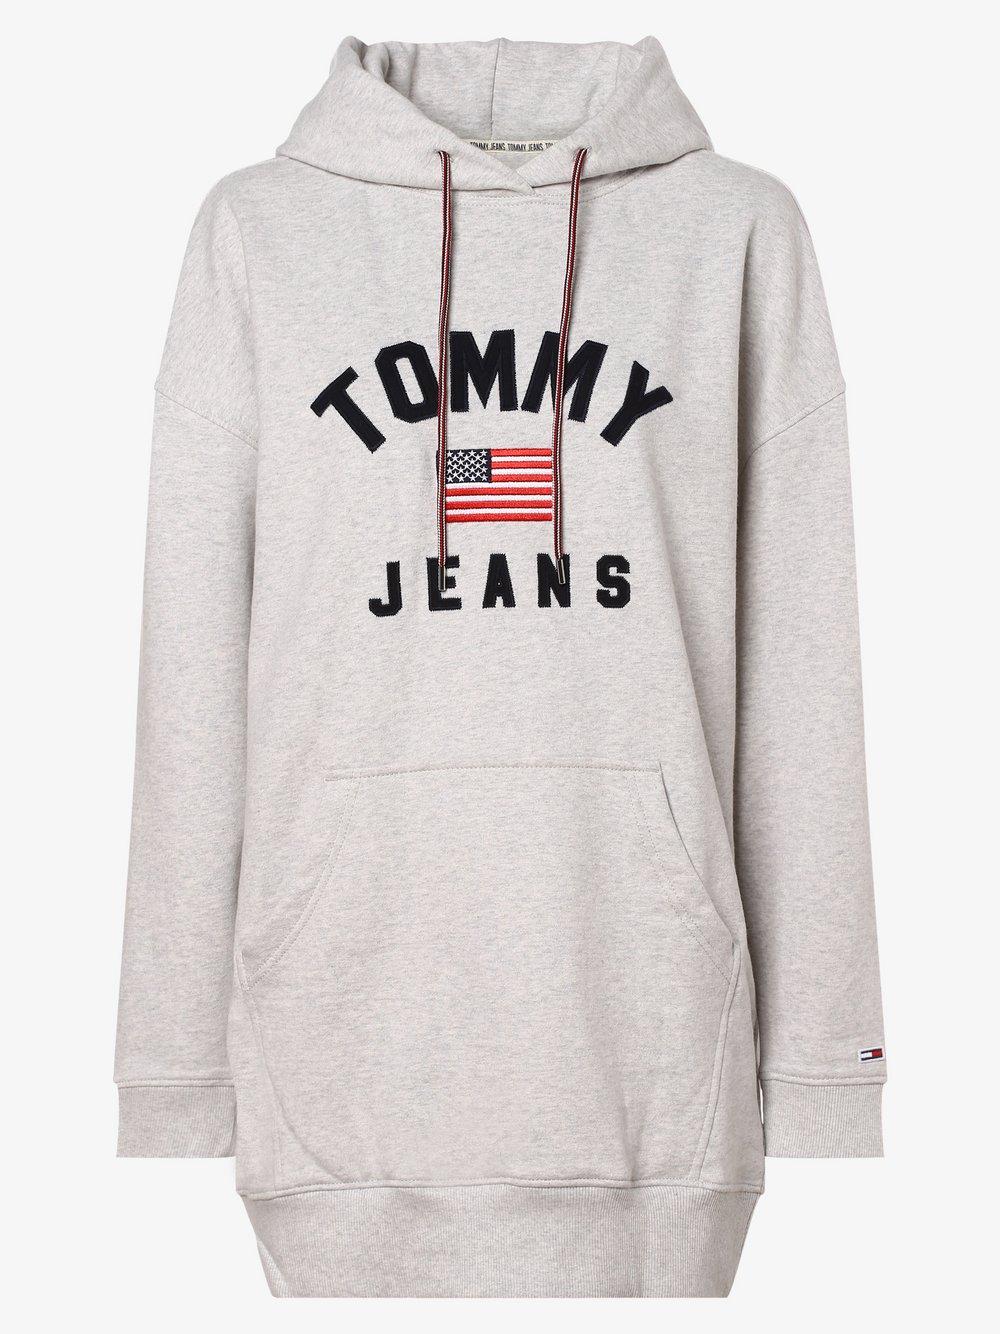 Tommy Jeans - Sukienka damska, szary Tommy Jeans